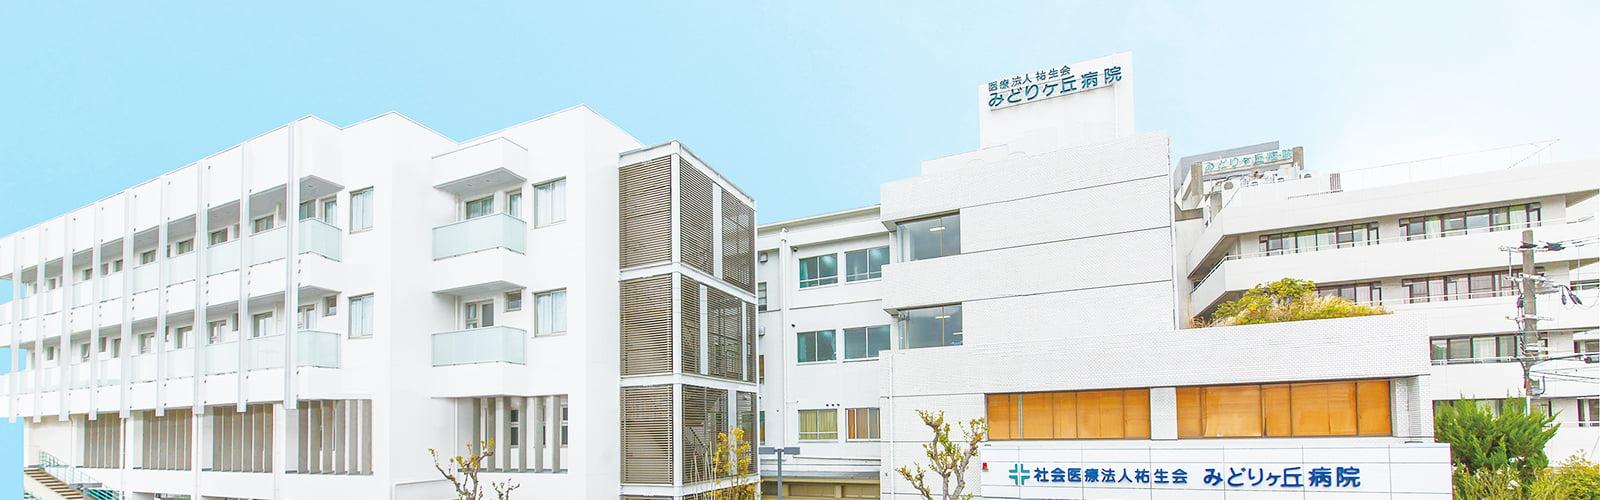 高槻 市 緑ヶ丘 病院 コロナ